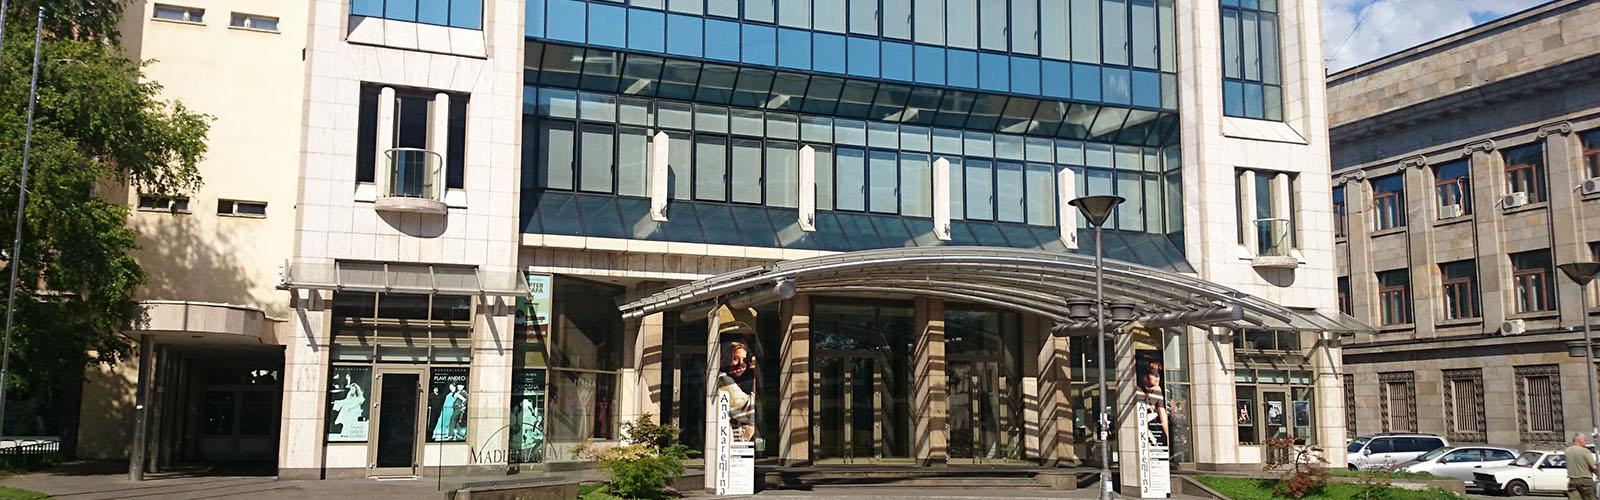 Concierge Belgrade   Opera i teatar Madlenianum